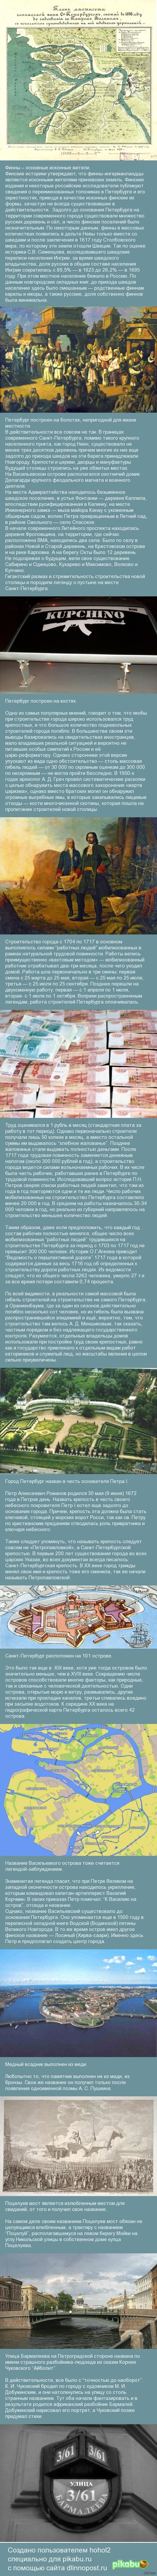 Заблуждения о Петербурге. В этом длинопосте собраны наиболее популярные заблуждения о Санкт-Петербурге. Иногда факты искажаются, приростают домыслами, становятся мифами и  легендами.